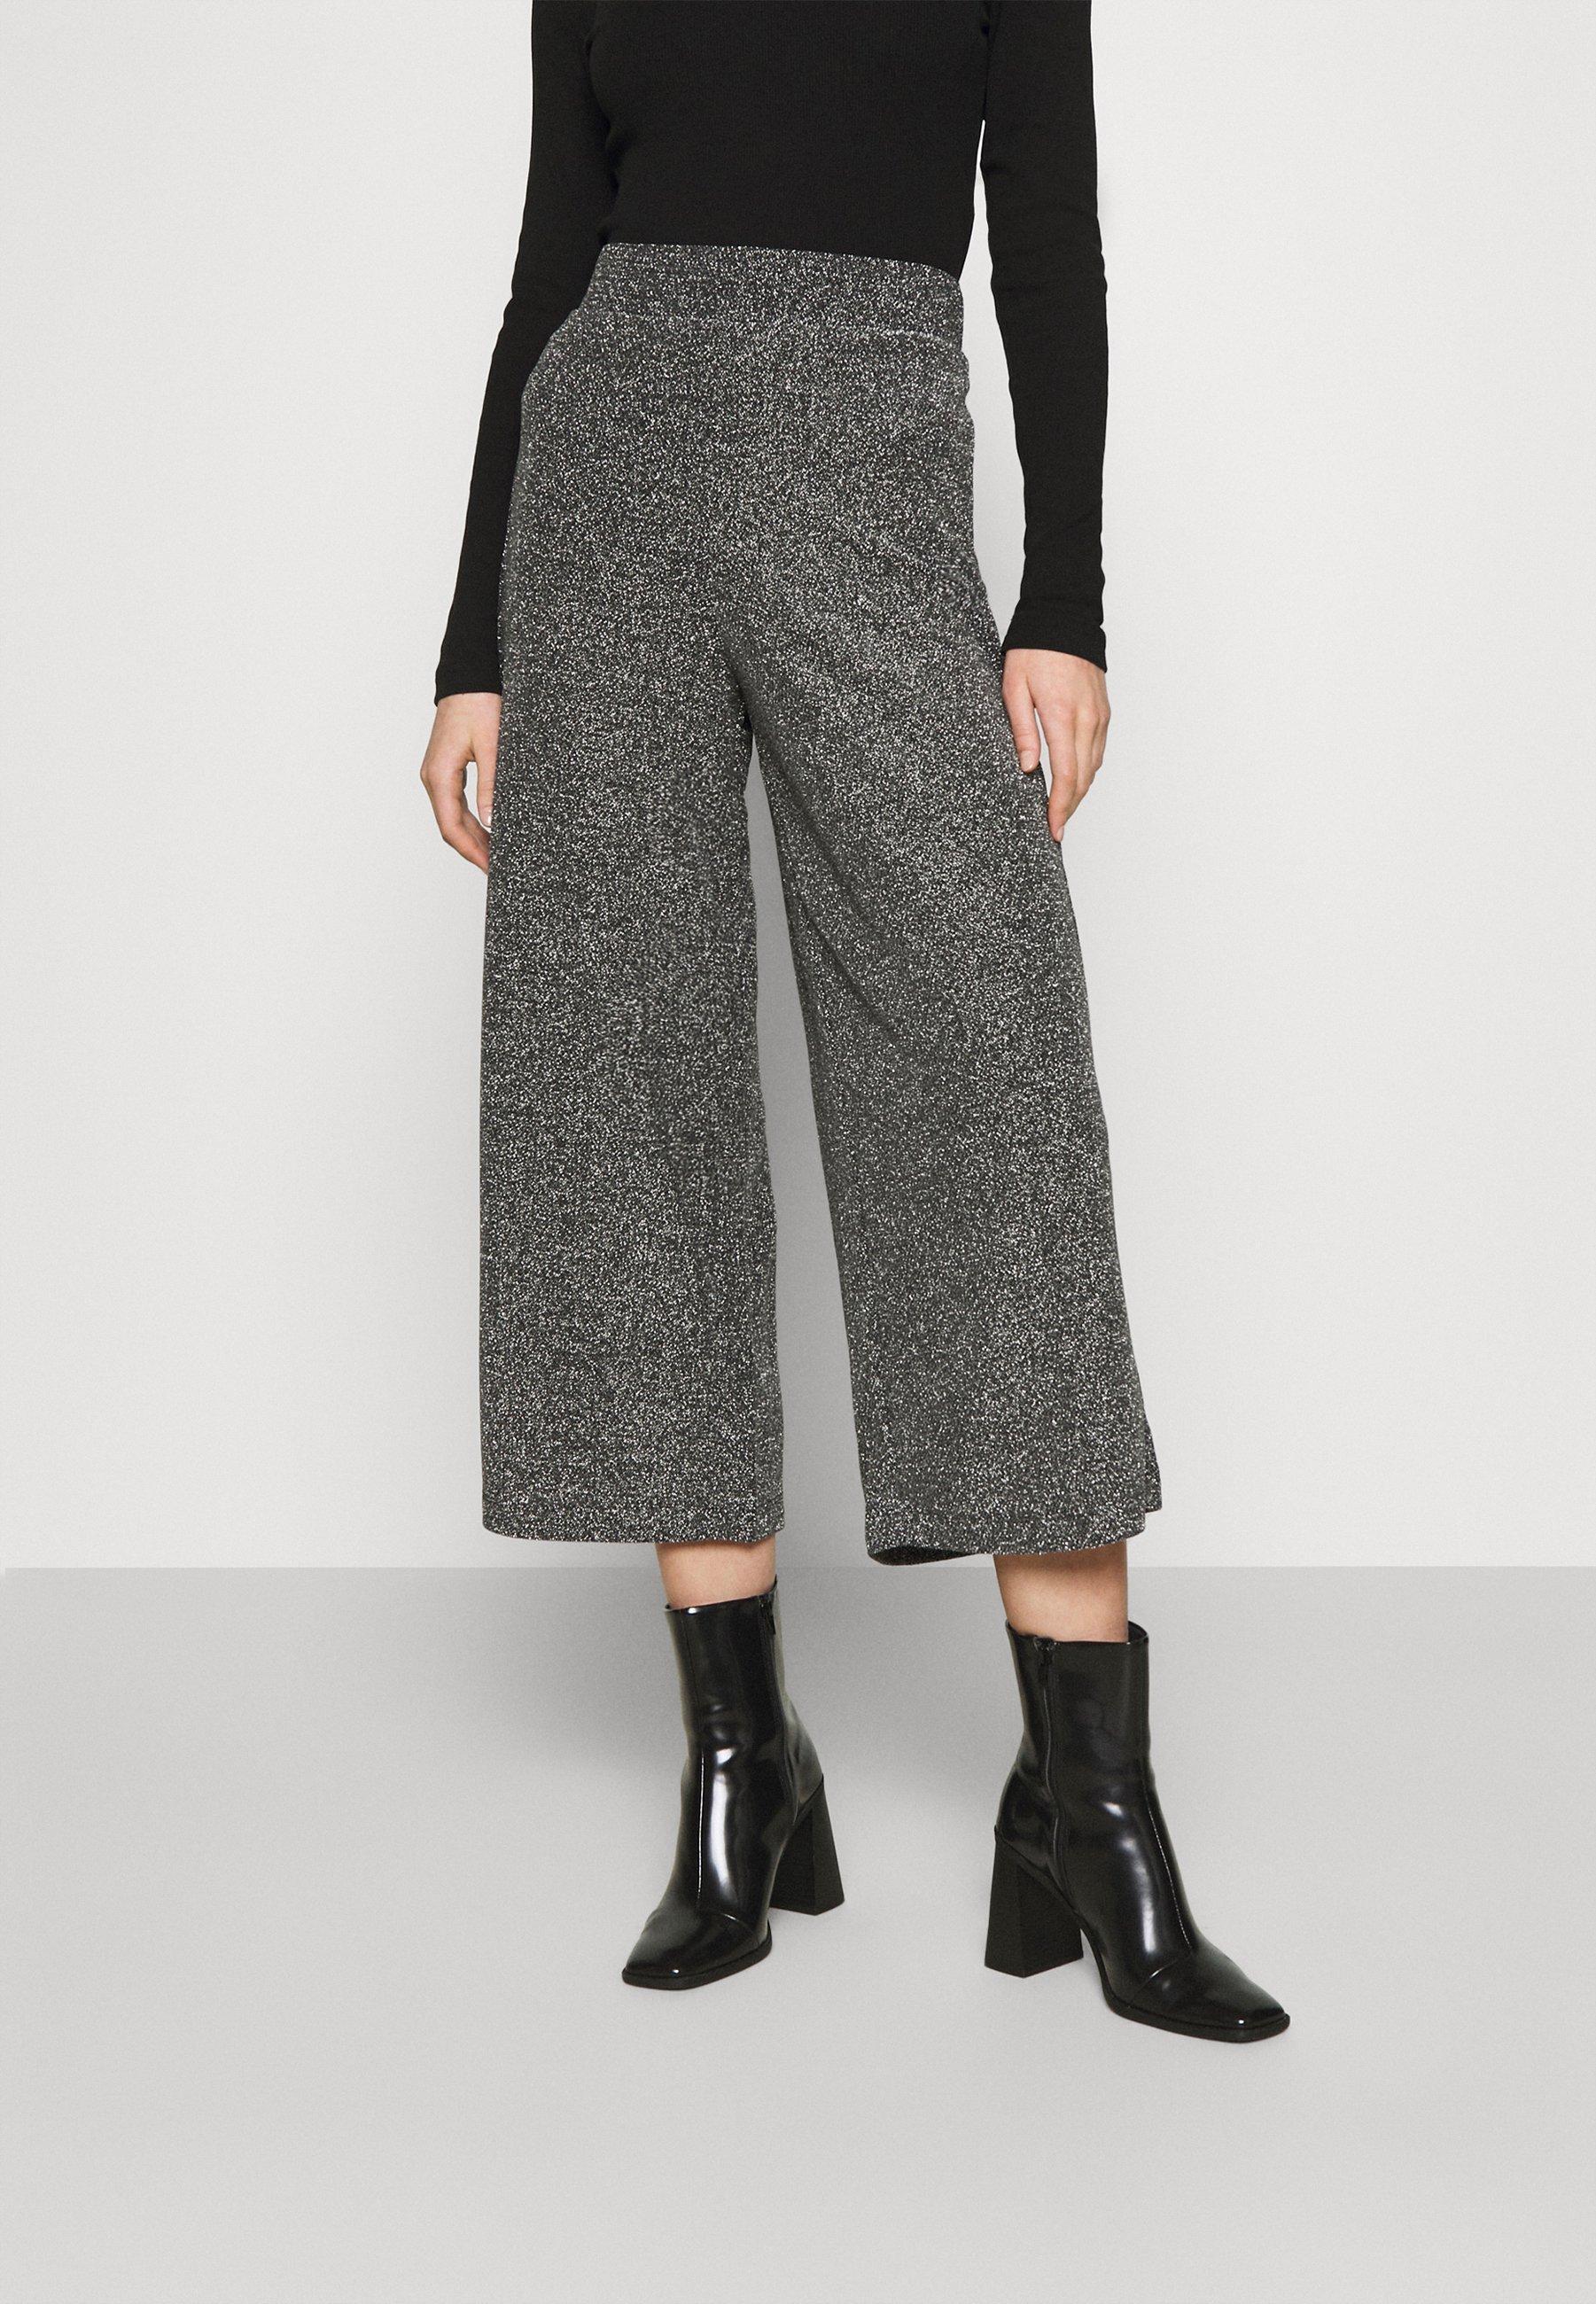 Femme CILLA PARTY TROUSERS - Pantalon classique - black/silver